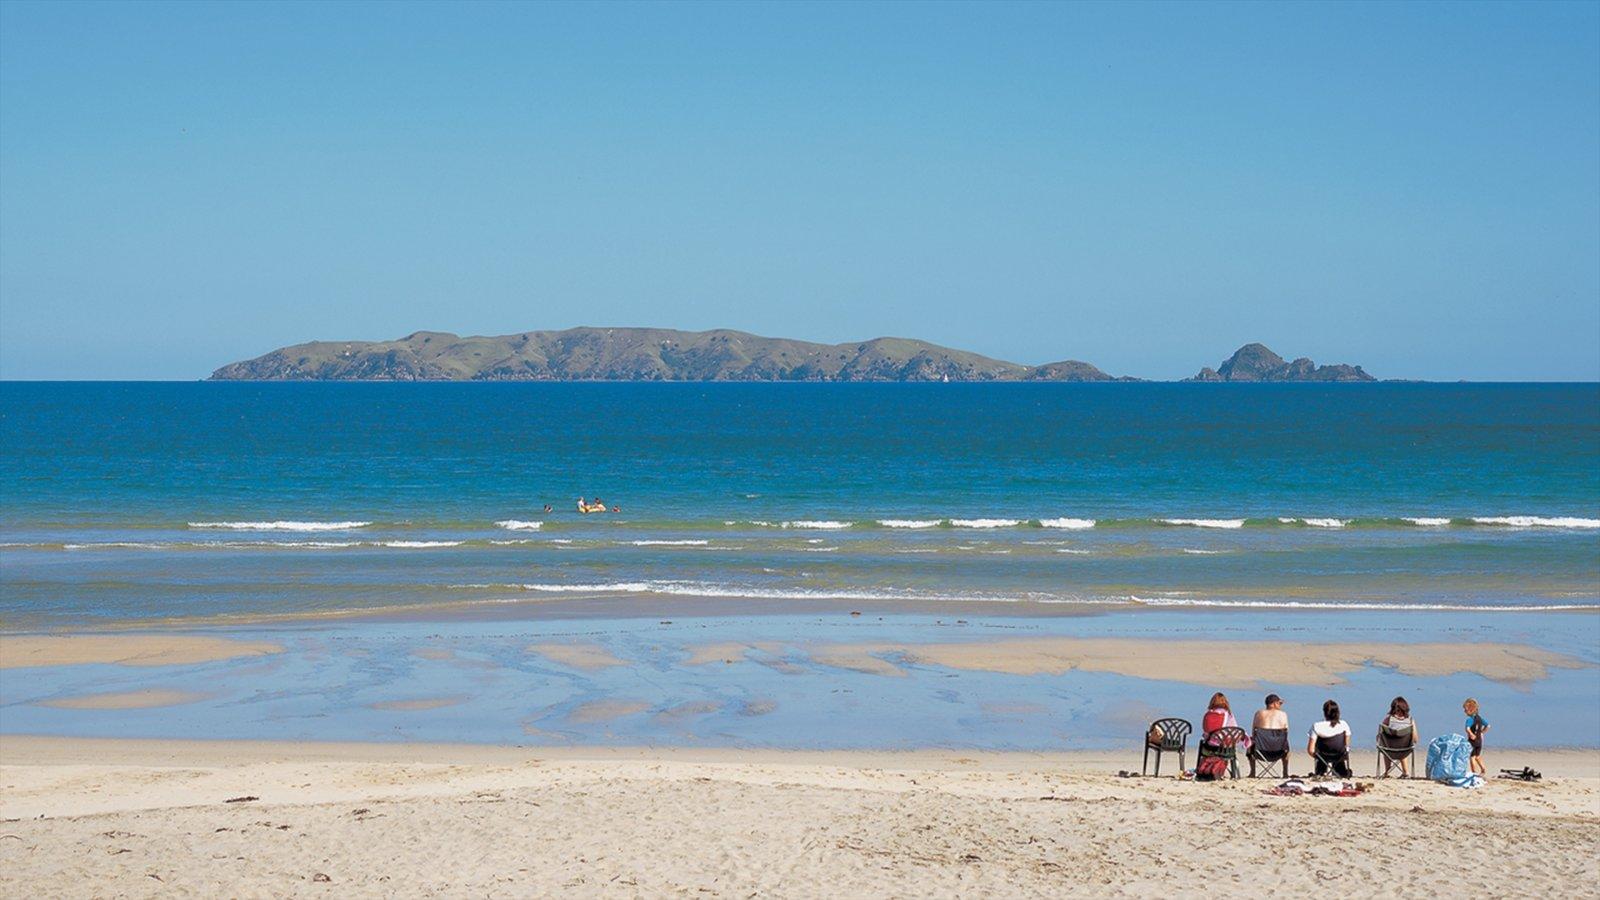 Northland mostrando una playa, ir de pícnic y imágenes de una isla